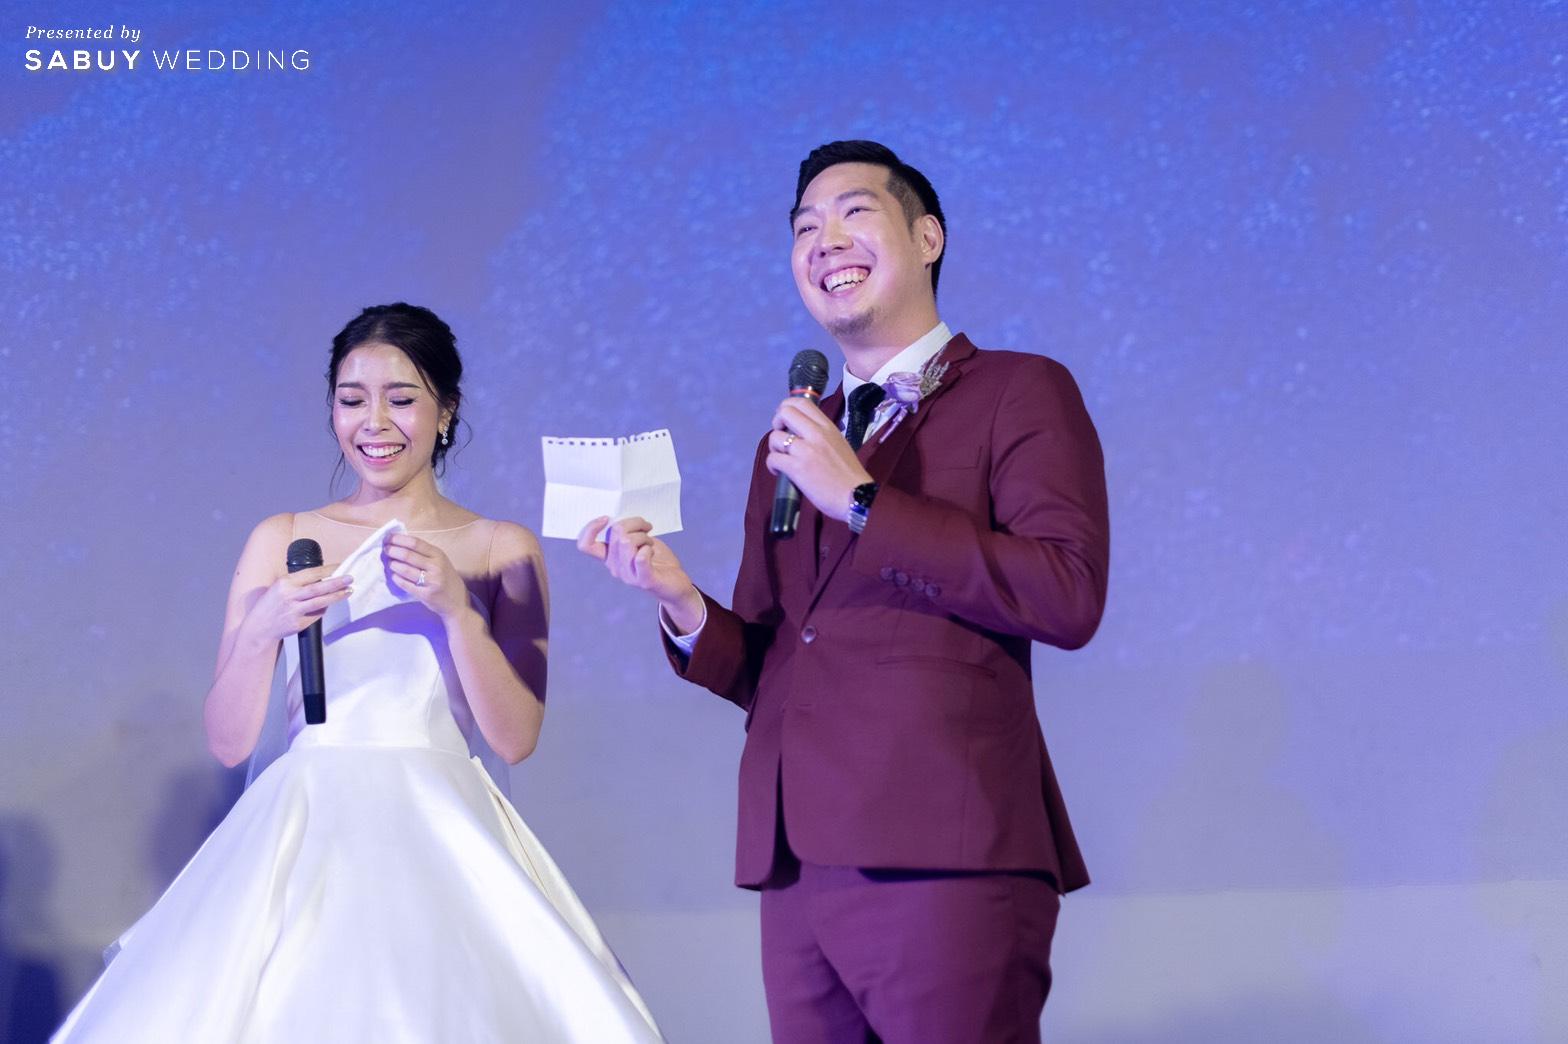 ชุดแต่งงาน,marriagevow รีวิวงานแต่ง Minimal in Lavender เก๋ไม่ซ้ำใครสไตล์ Go Green @ SO/BANGKOK